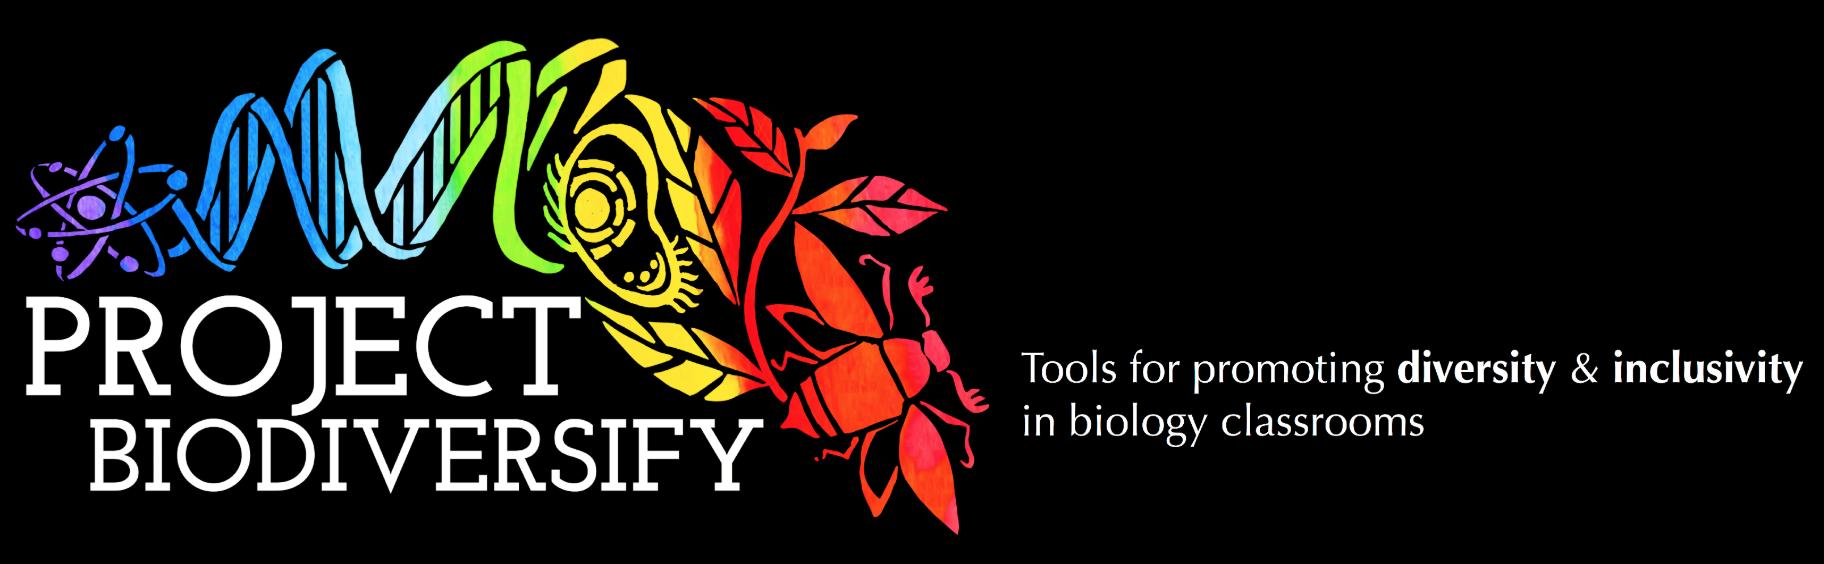 Project Biodiversify